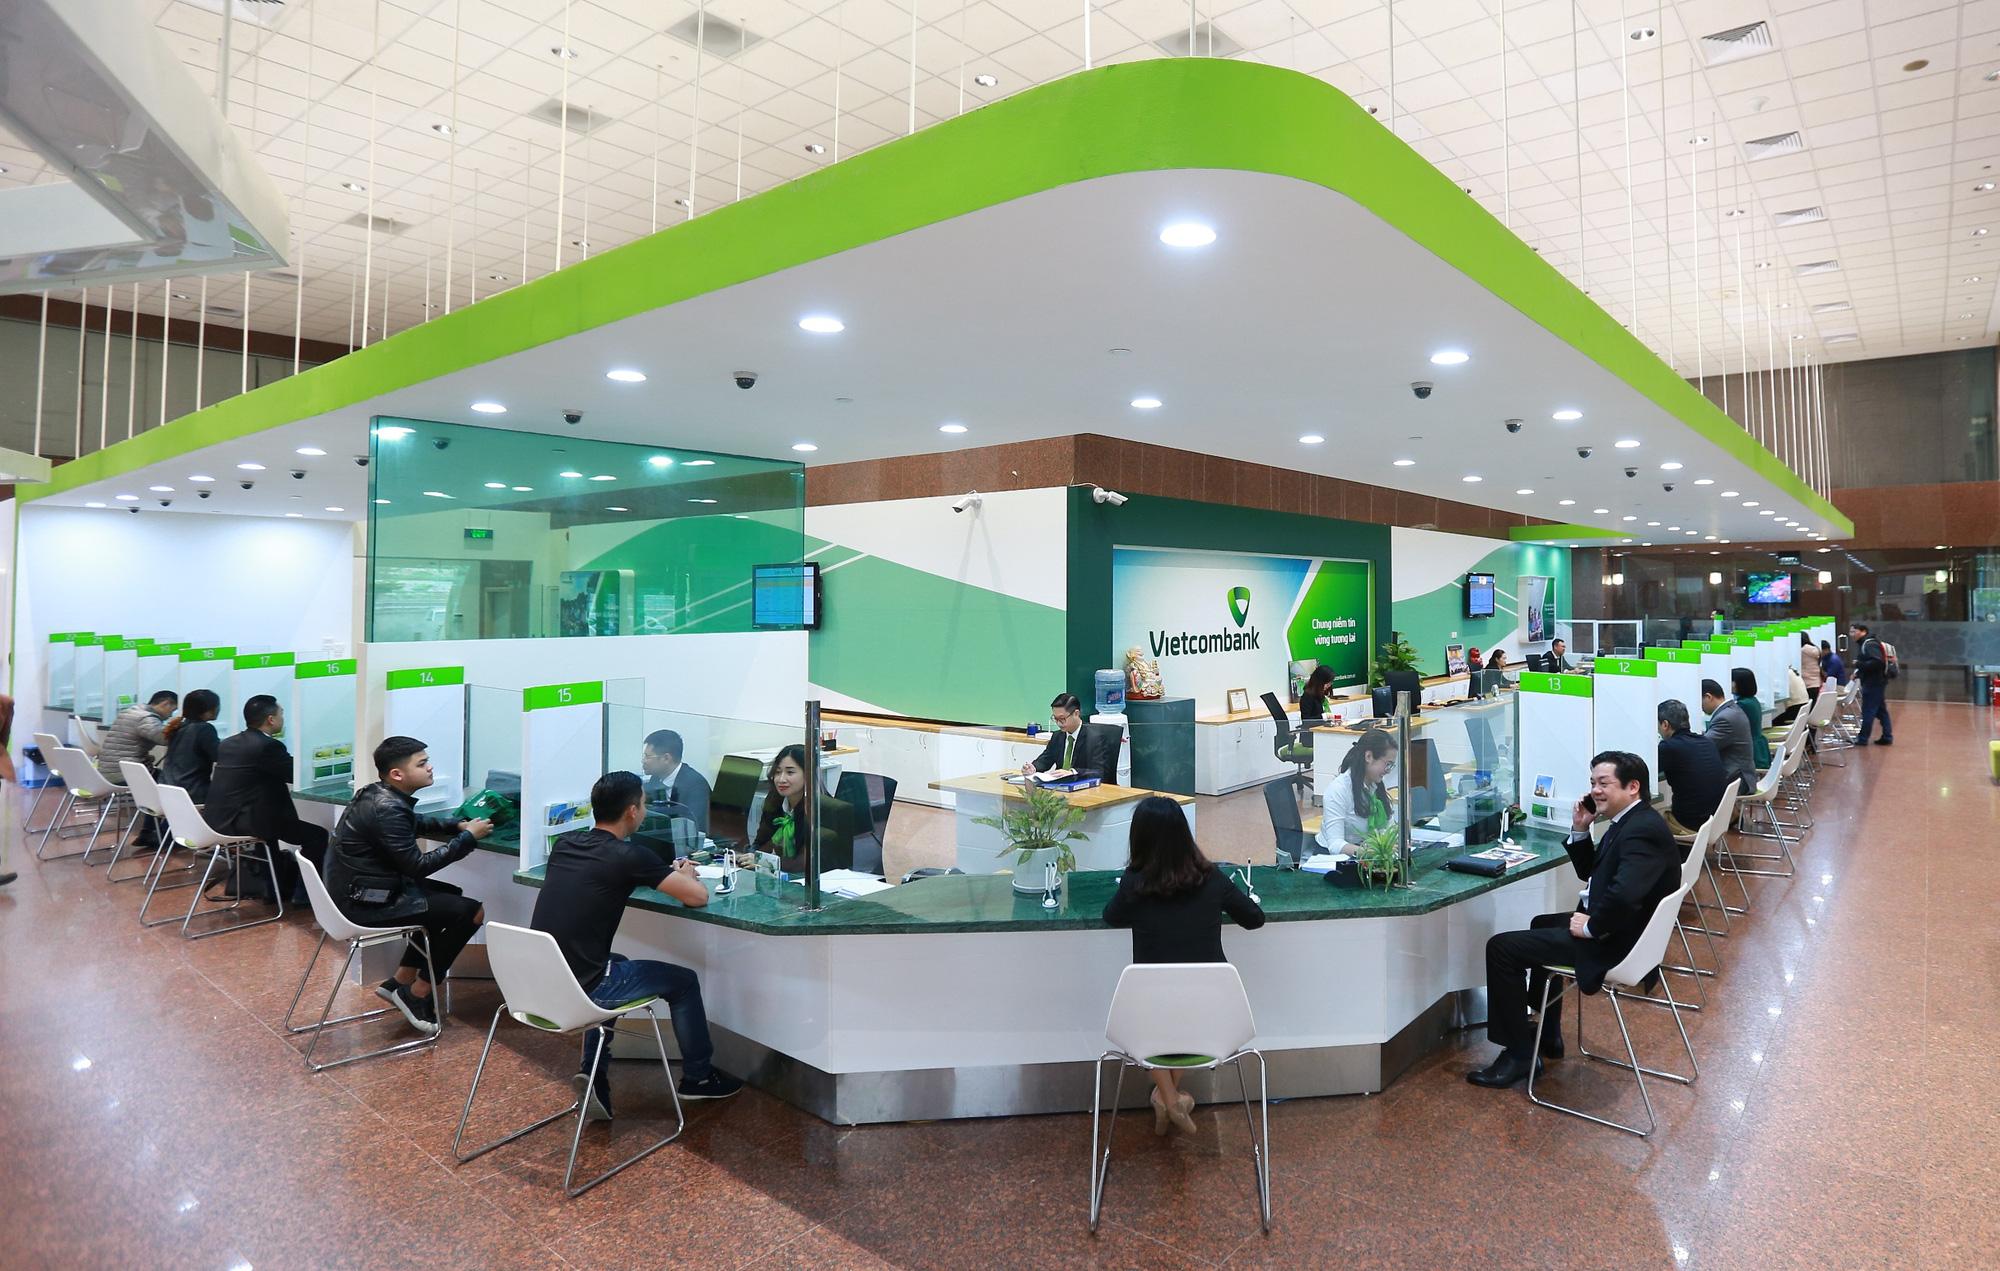 Vietcombank bất ngờ giảm lãi suất huy động thấp nhất chỉ còn 2,9%/năm - Báo  Người lao động